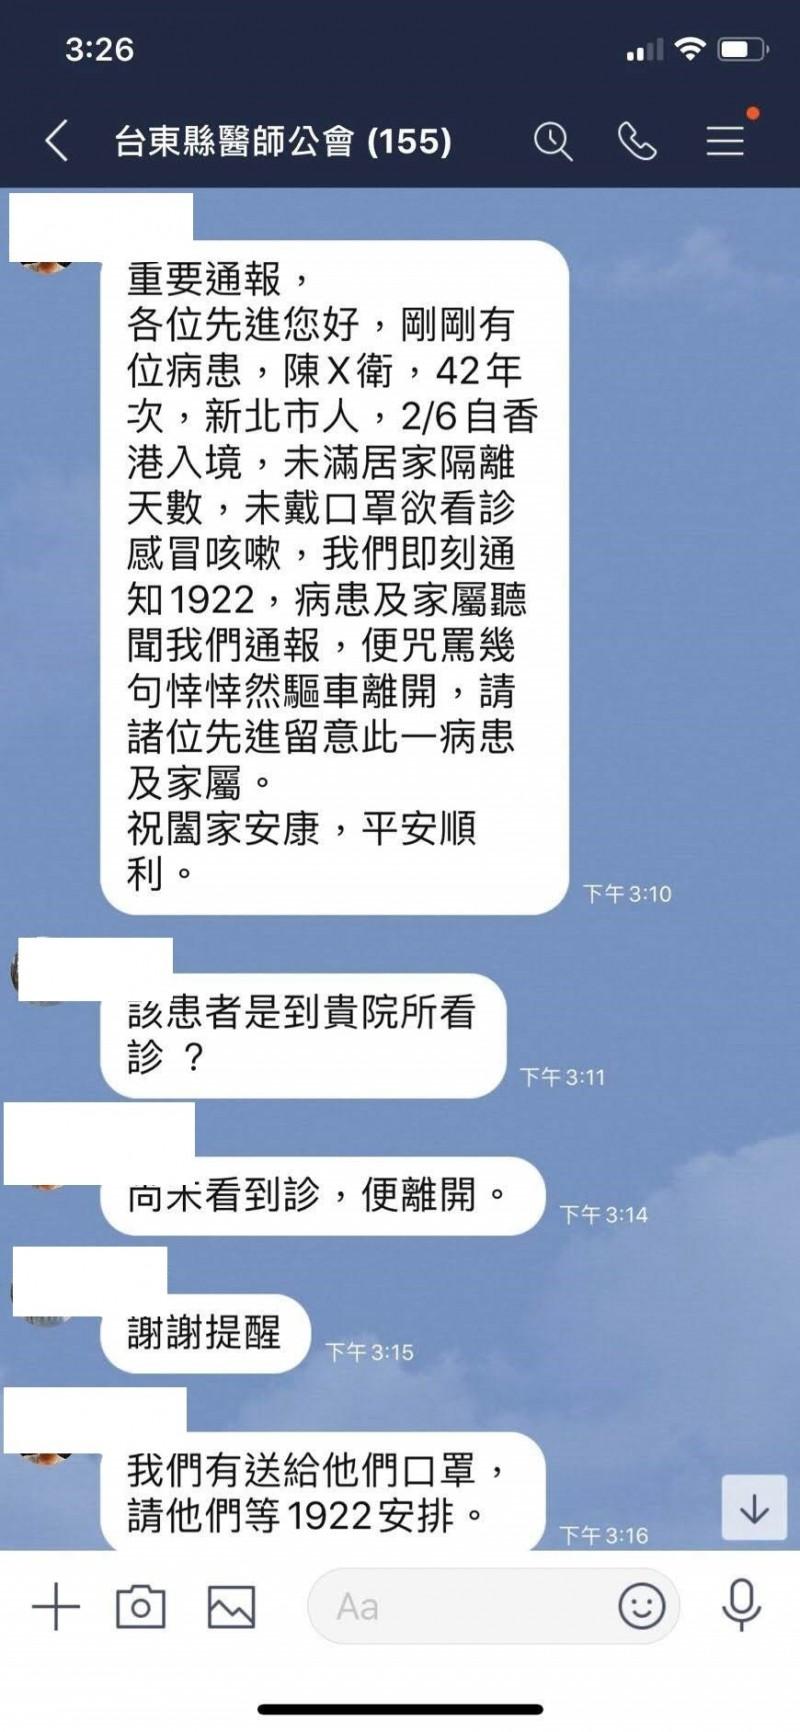 台東一位醫師在醫師公會群組po文指一位到診所的咳嗽病患從香港入境,未滿居間隔離日數,但經衛生局查證,此人是可自由行動的自主健康管理者。(記者黃明堂翻攝)